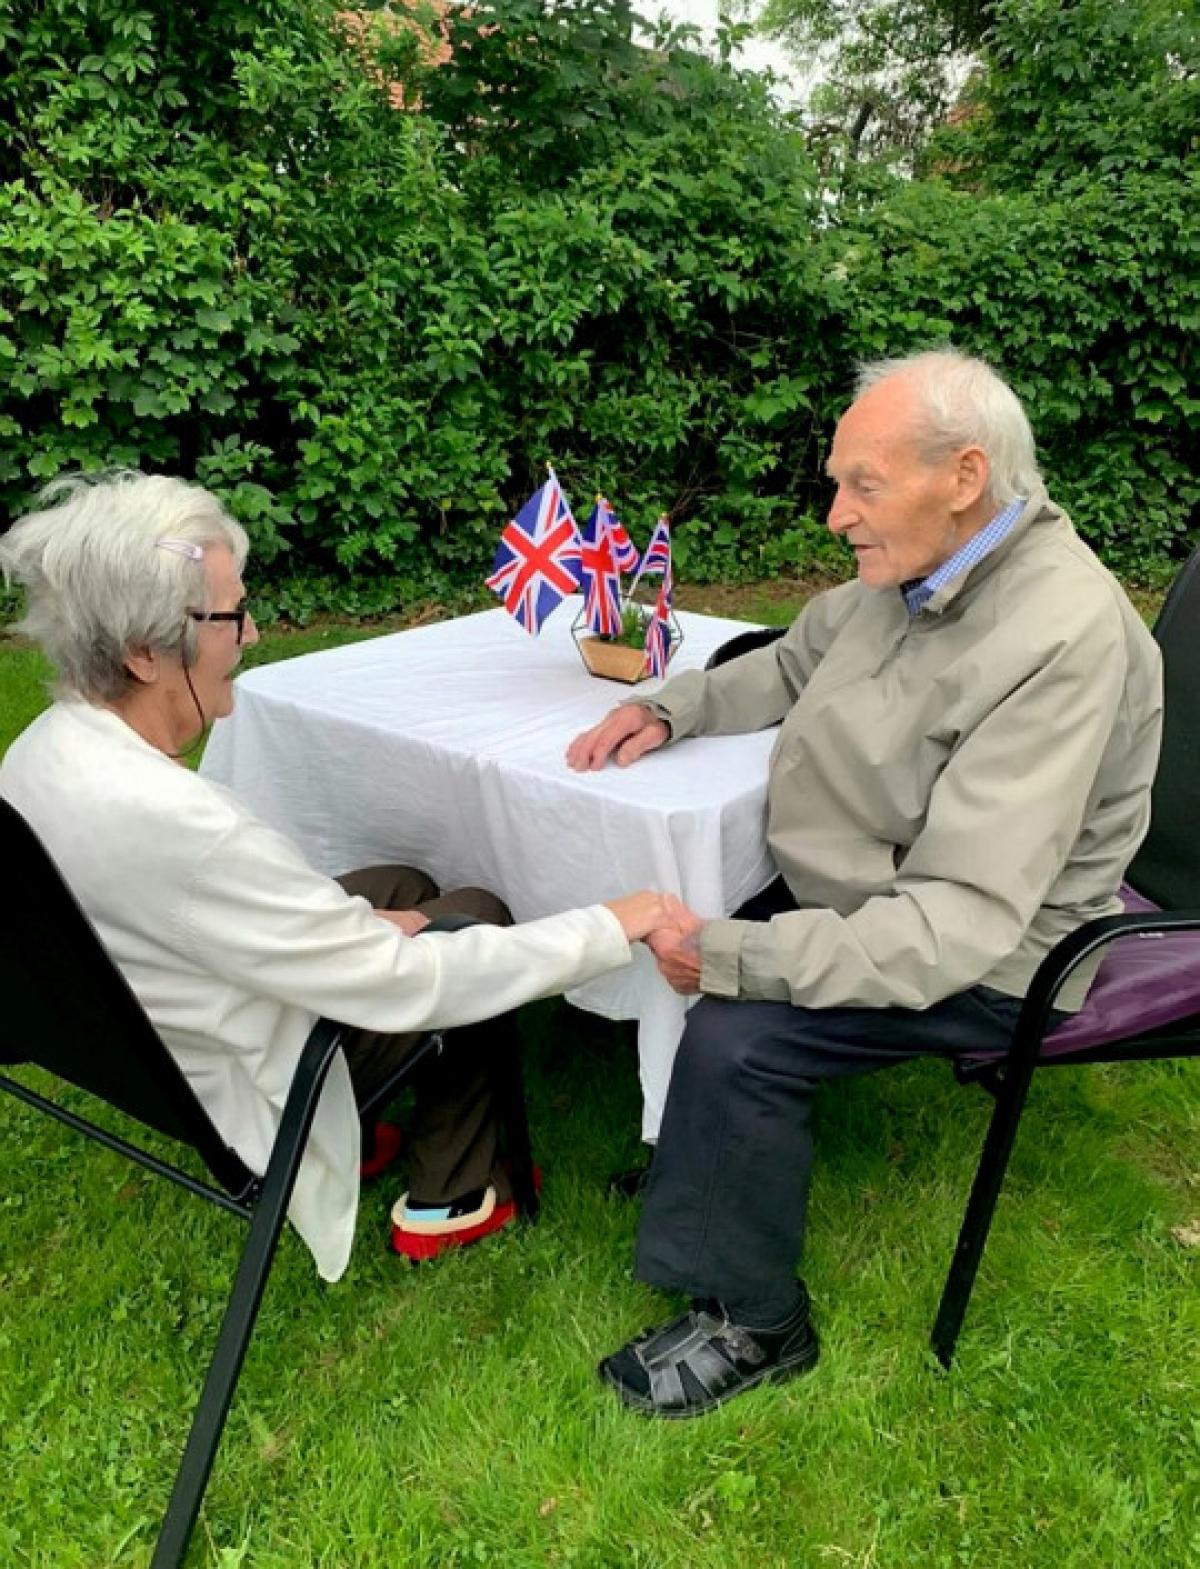 Ông Patrick Speed và bà Minnie Walsh mừng rỡ gặp lại nhau sau khoảng thời gian dài xa cách do đại dịch Covid-19. Ảnh: Sarah Patrick/SWNS